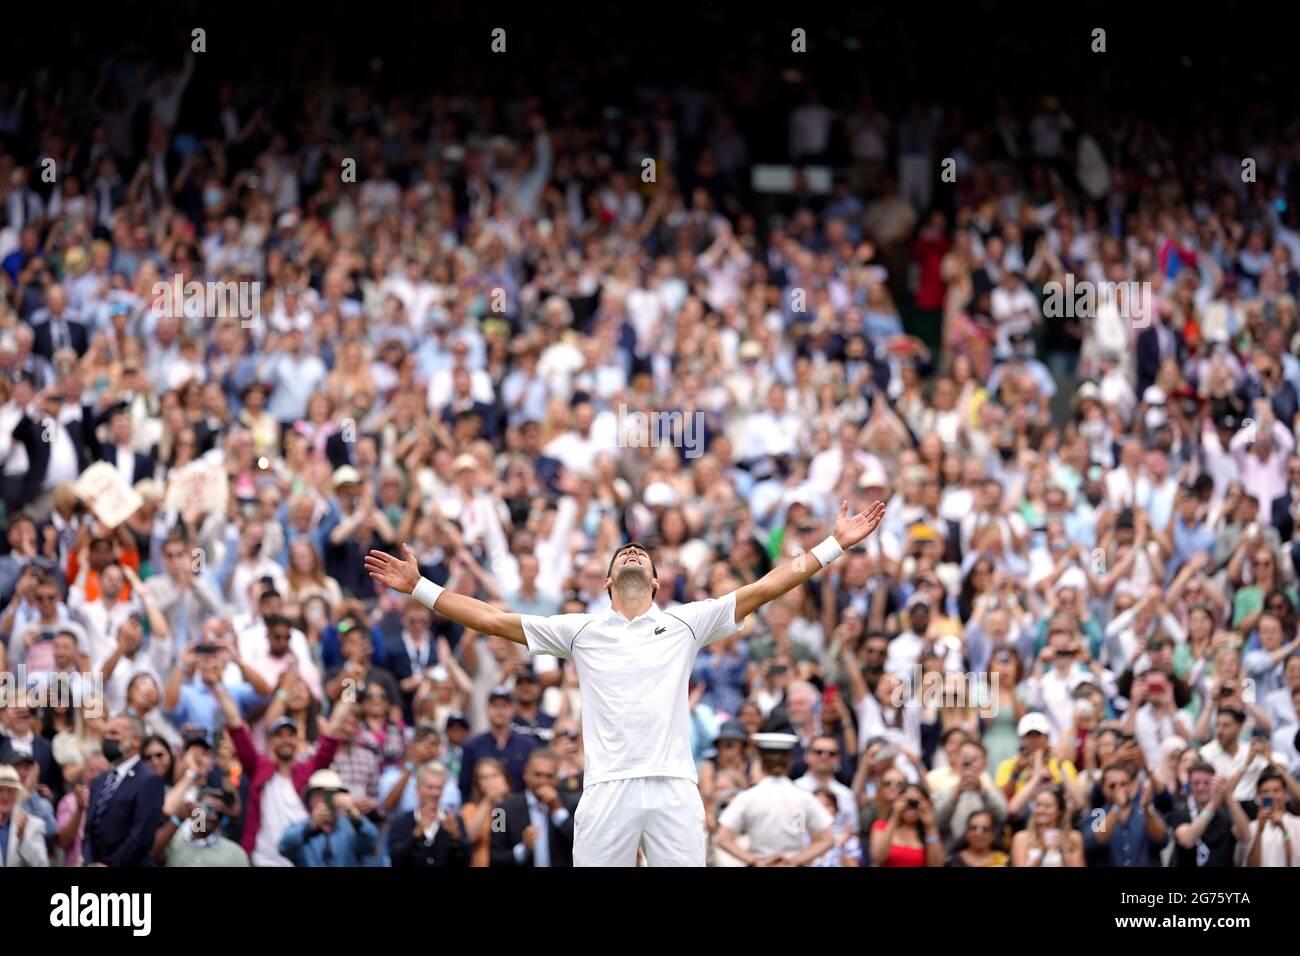 Novak Djokovic feiert den Sieg im Finale der Herren-Singles gegen Matteo Berrettini am dreizehnten Tag von Wimbledon im All England Lawn Tennis and Croquet Club in Wimbledon. Bilddatum: Sonntag, 11. Juli 2021. Stockfoto